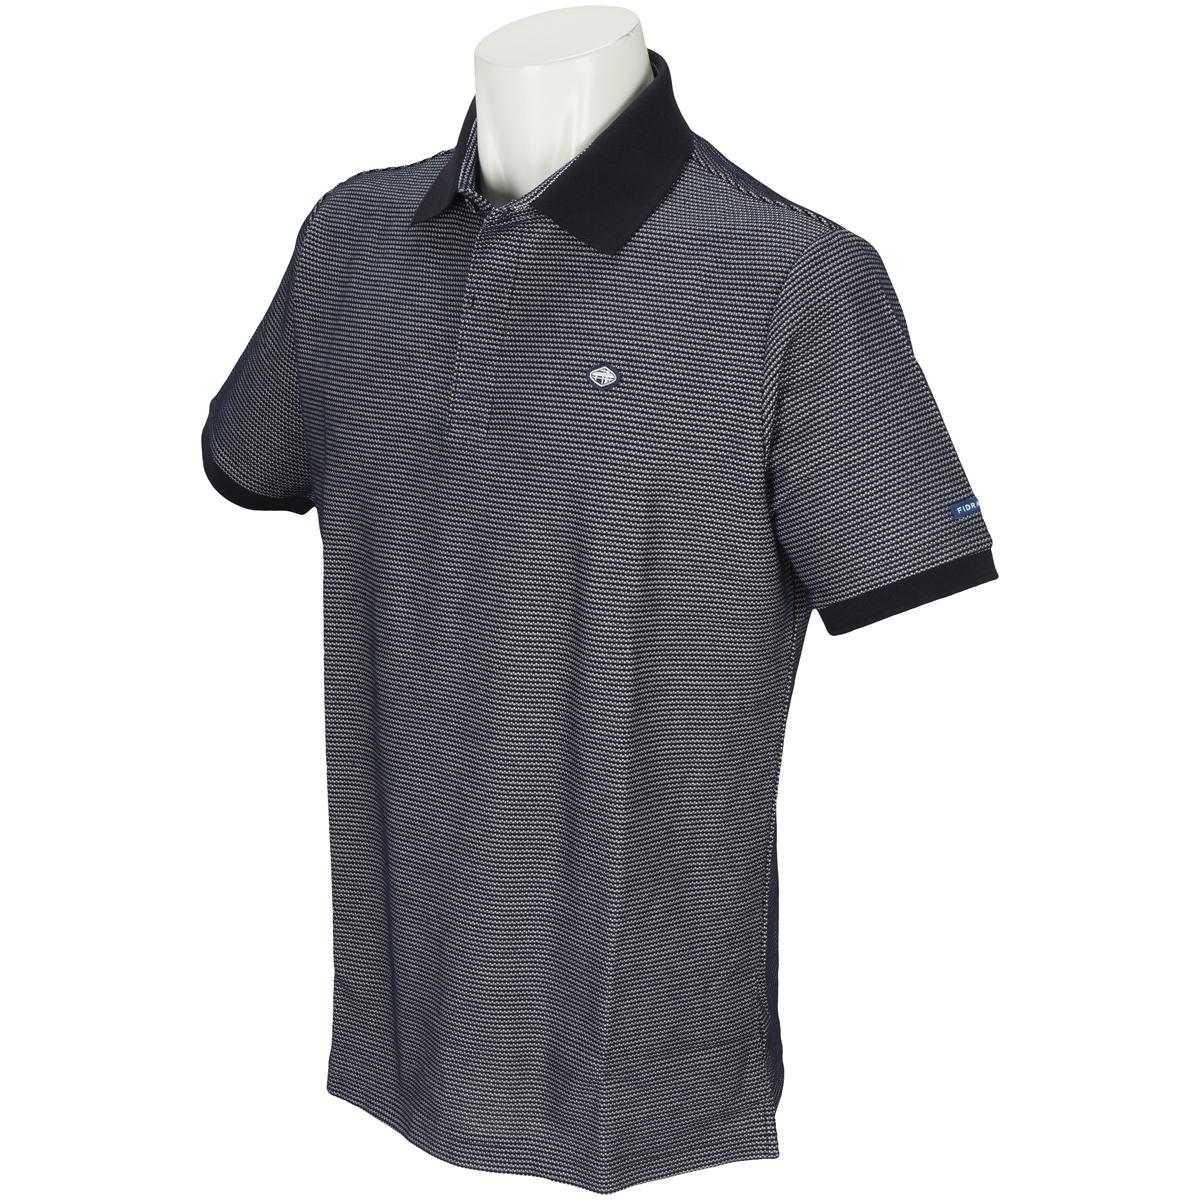 ハニカム半袖ポロシャツ